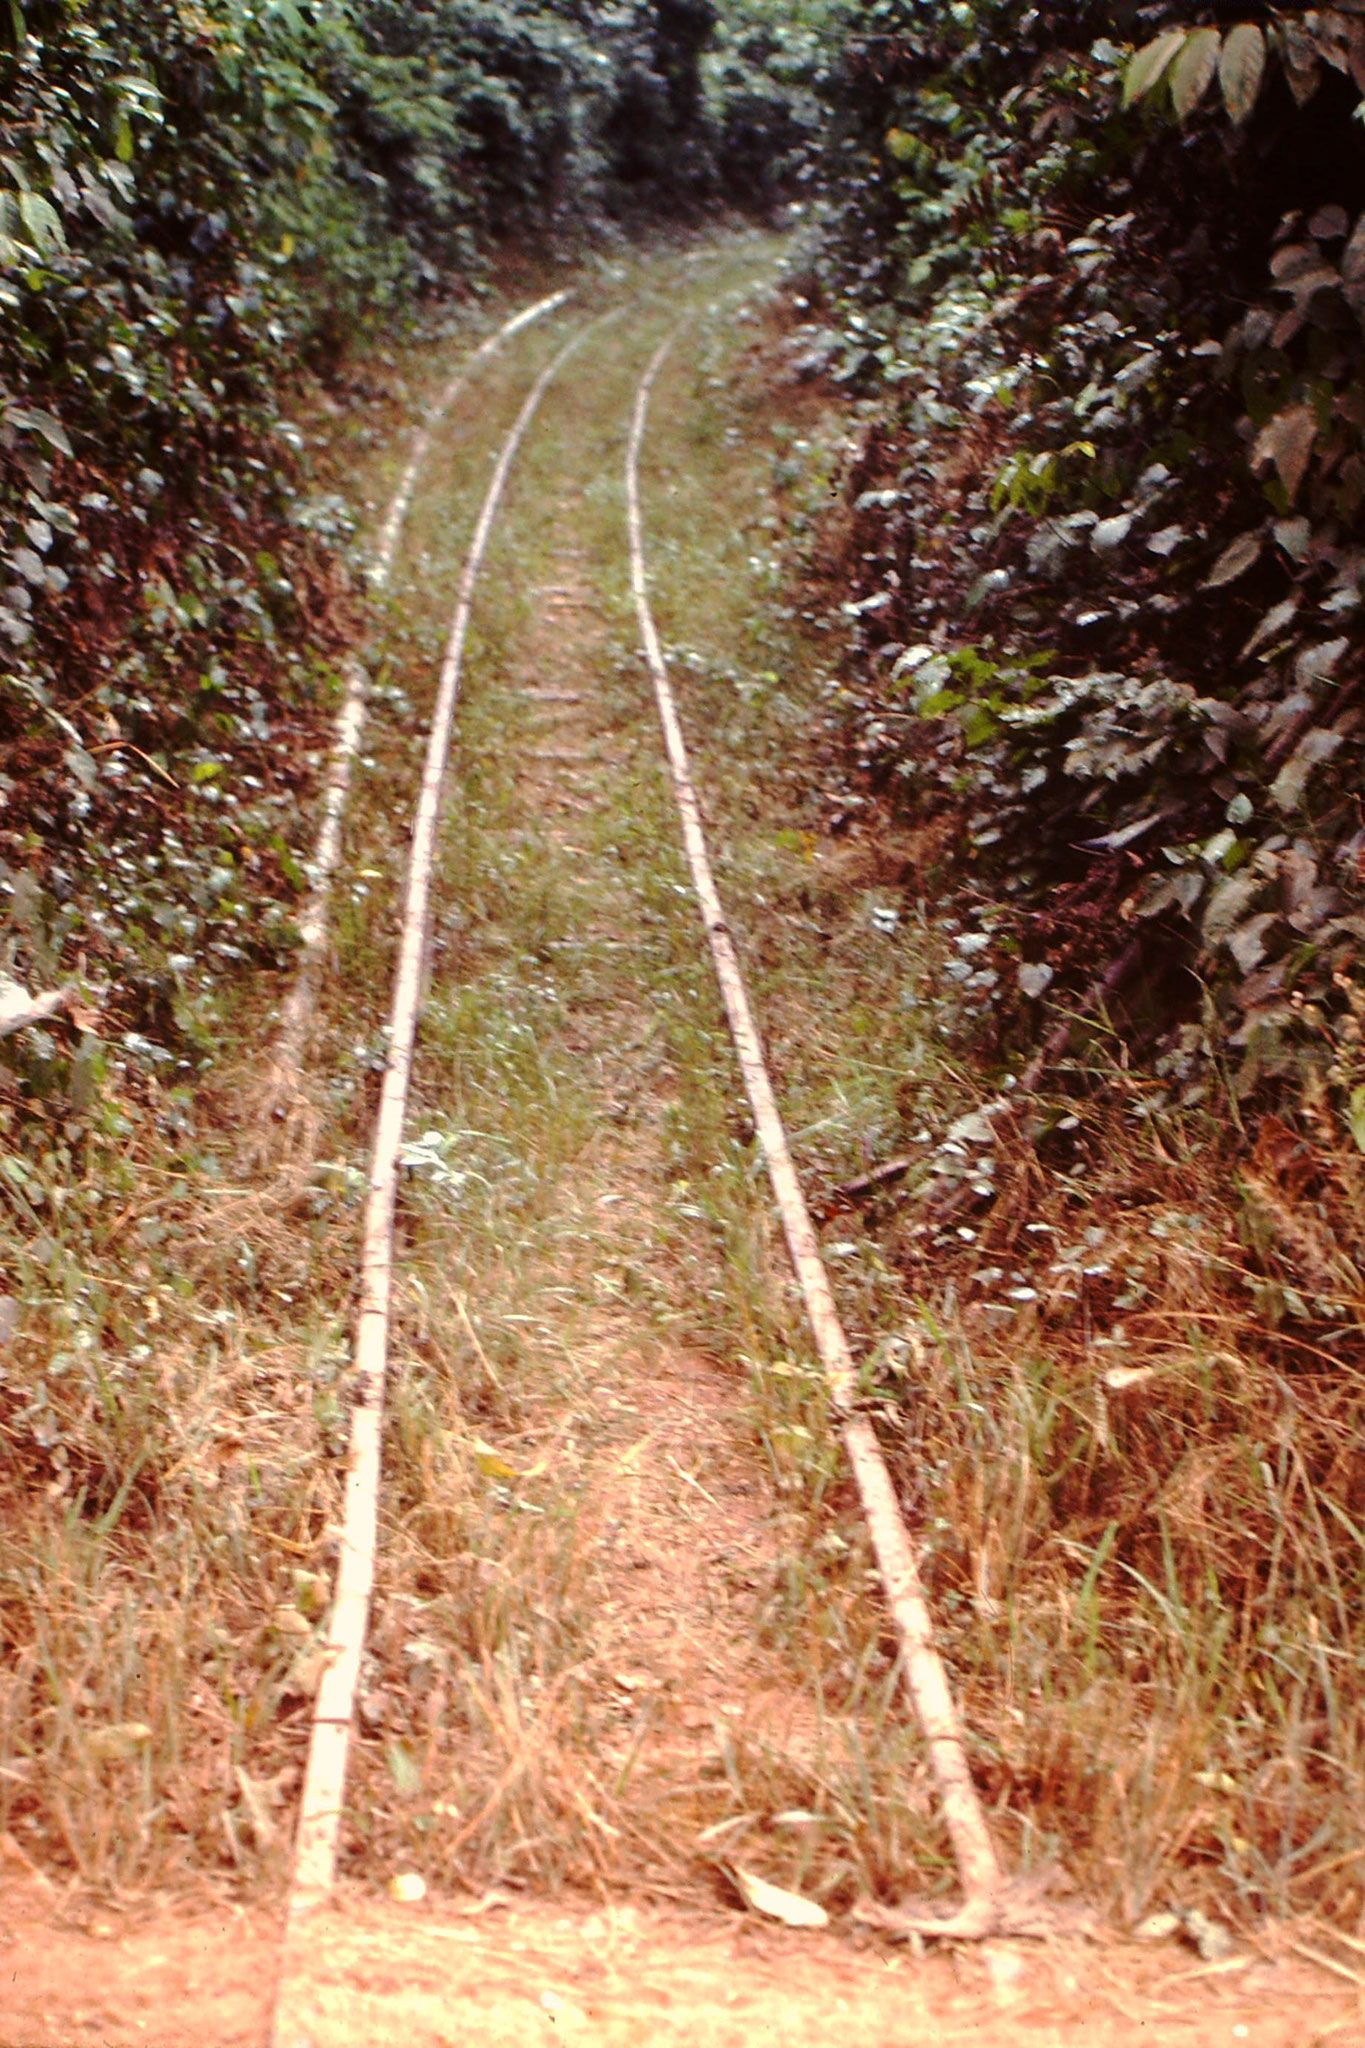 10. Dieses Geleise führt in den Urwald und wird ausschliesslich von der Forstwirtschaft zum abtransportieren der gefällten Bäume gebraucht.